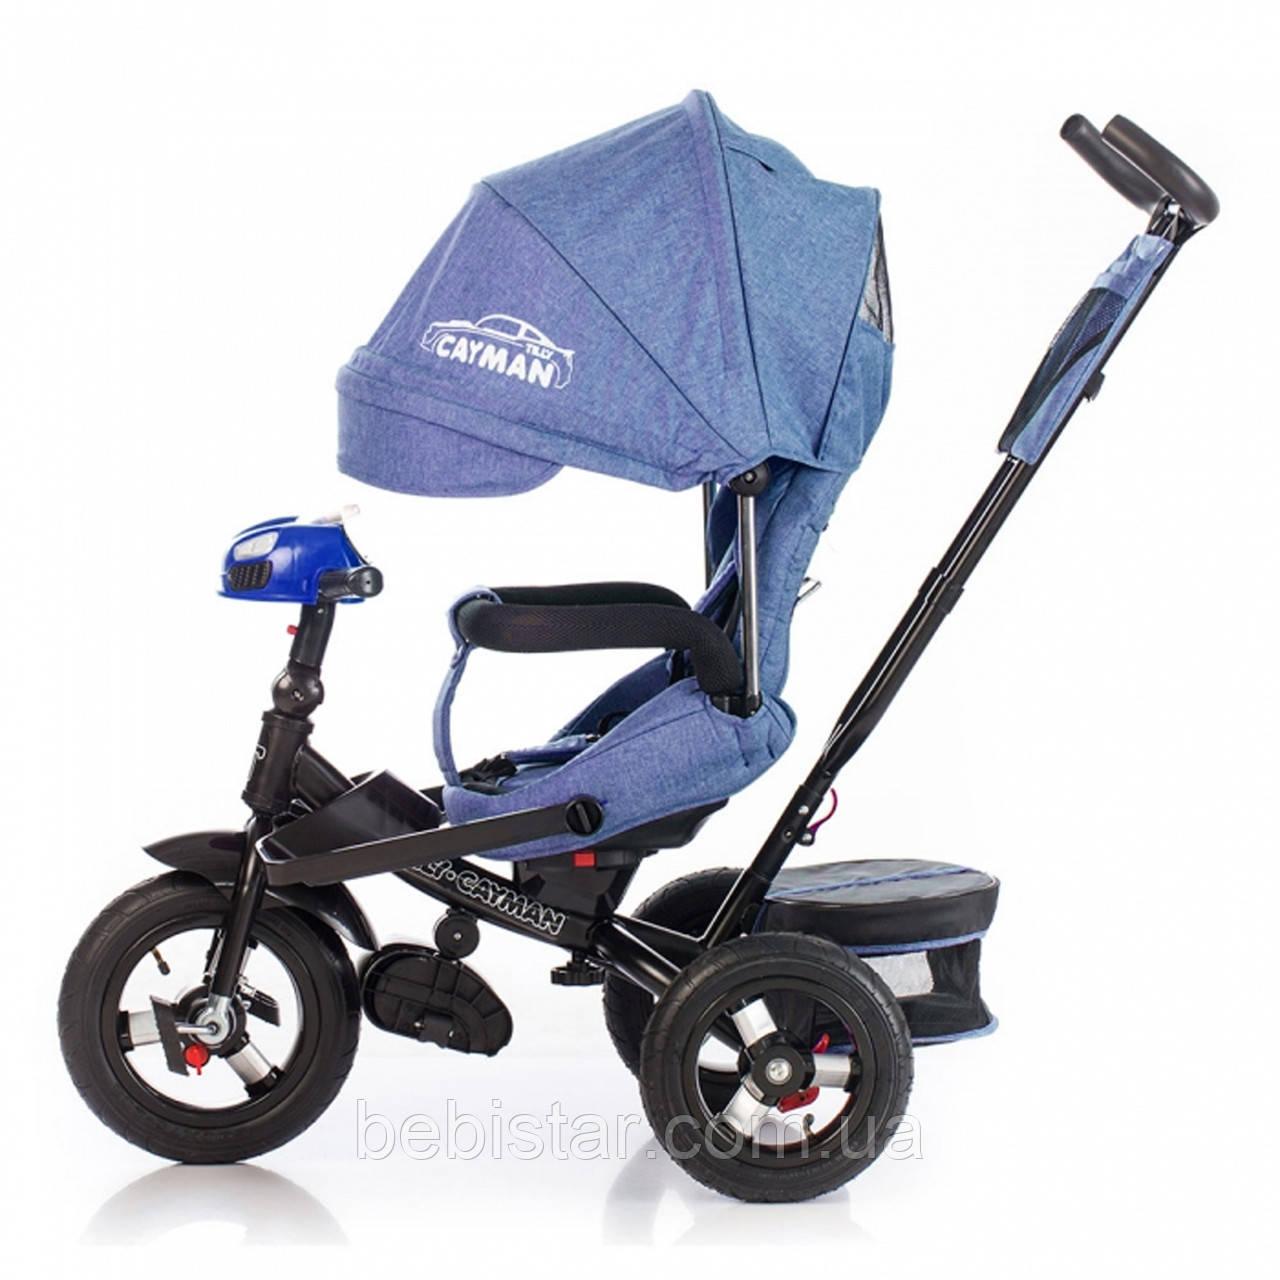 Трехколесный велосипед TILLY CAYMAN синий лен с пультом надувные колеса поворотное сидение музыка и свет